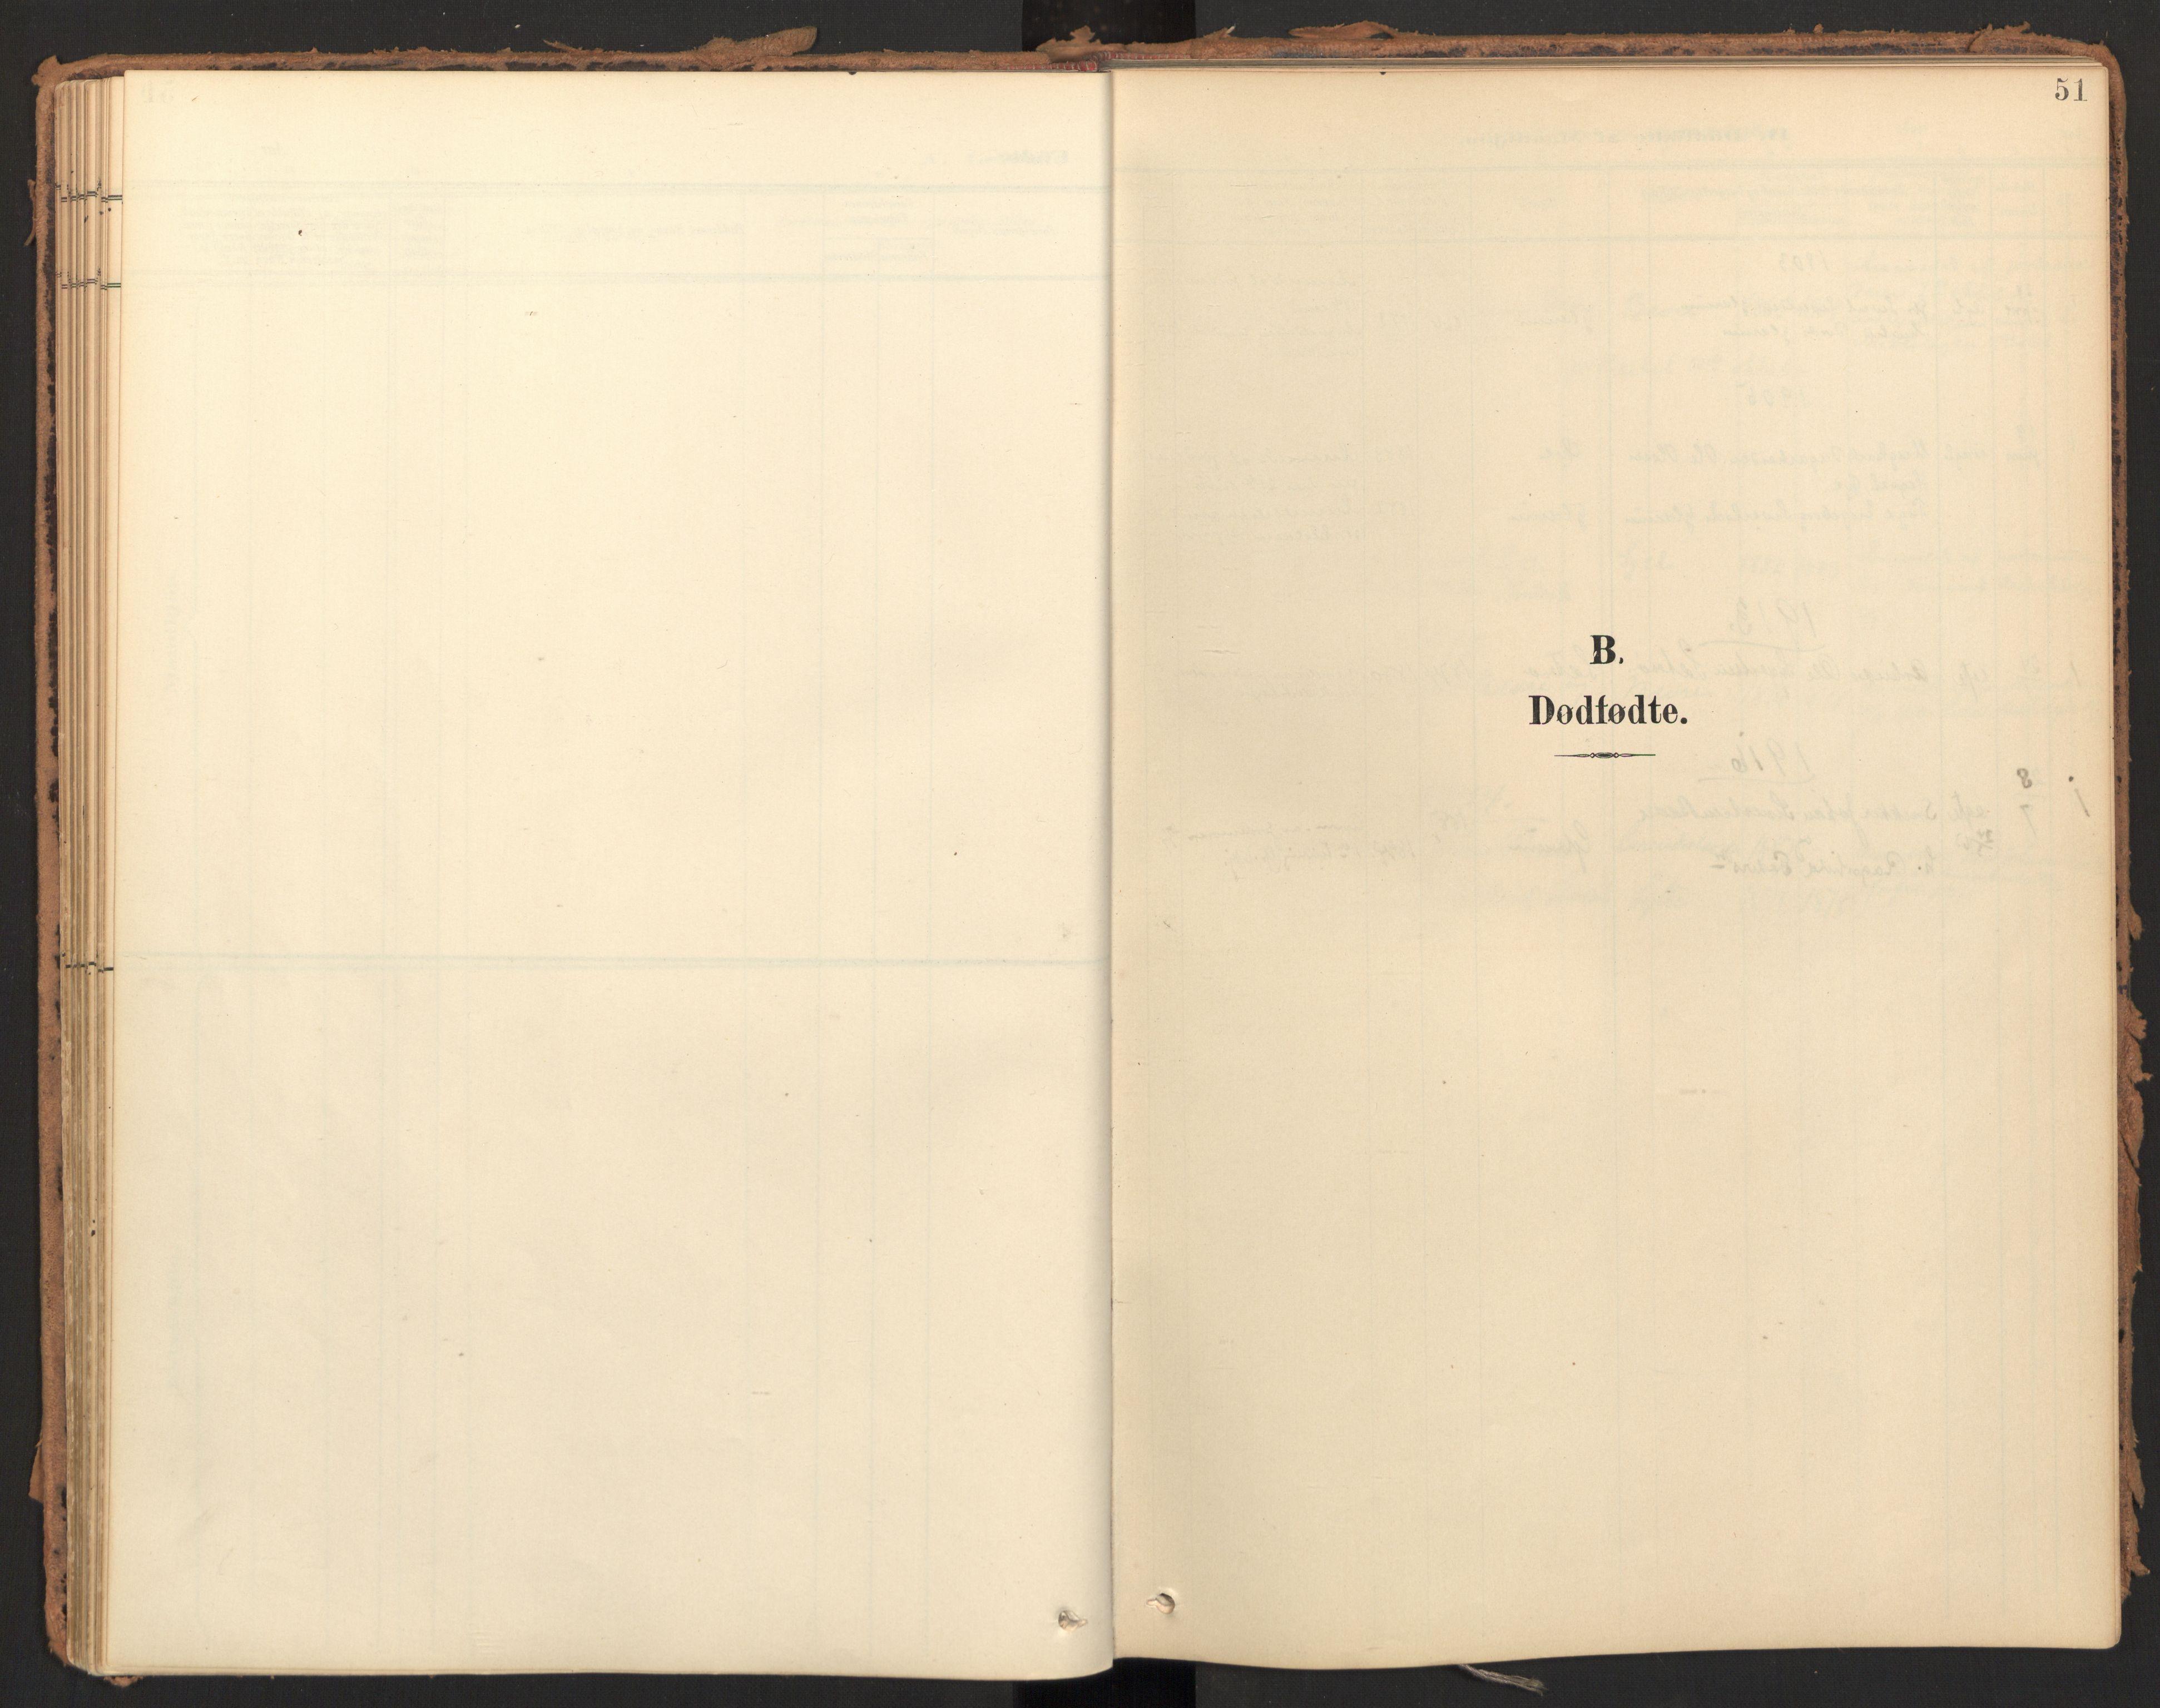 SAT, Ministerialprotokoller, klokkerbøker og fødselsregistre - Møre og Romsdal, 595/L1048: Ministerialbok nr. 595A10, 1900-1917, s. 51